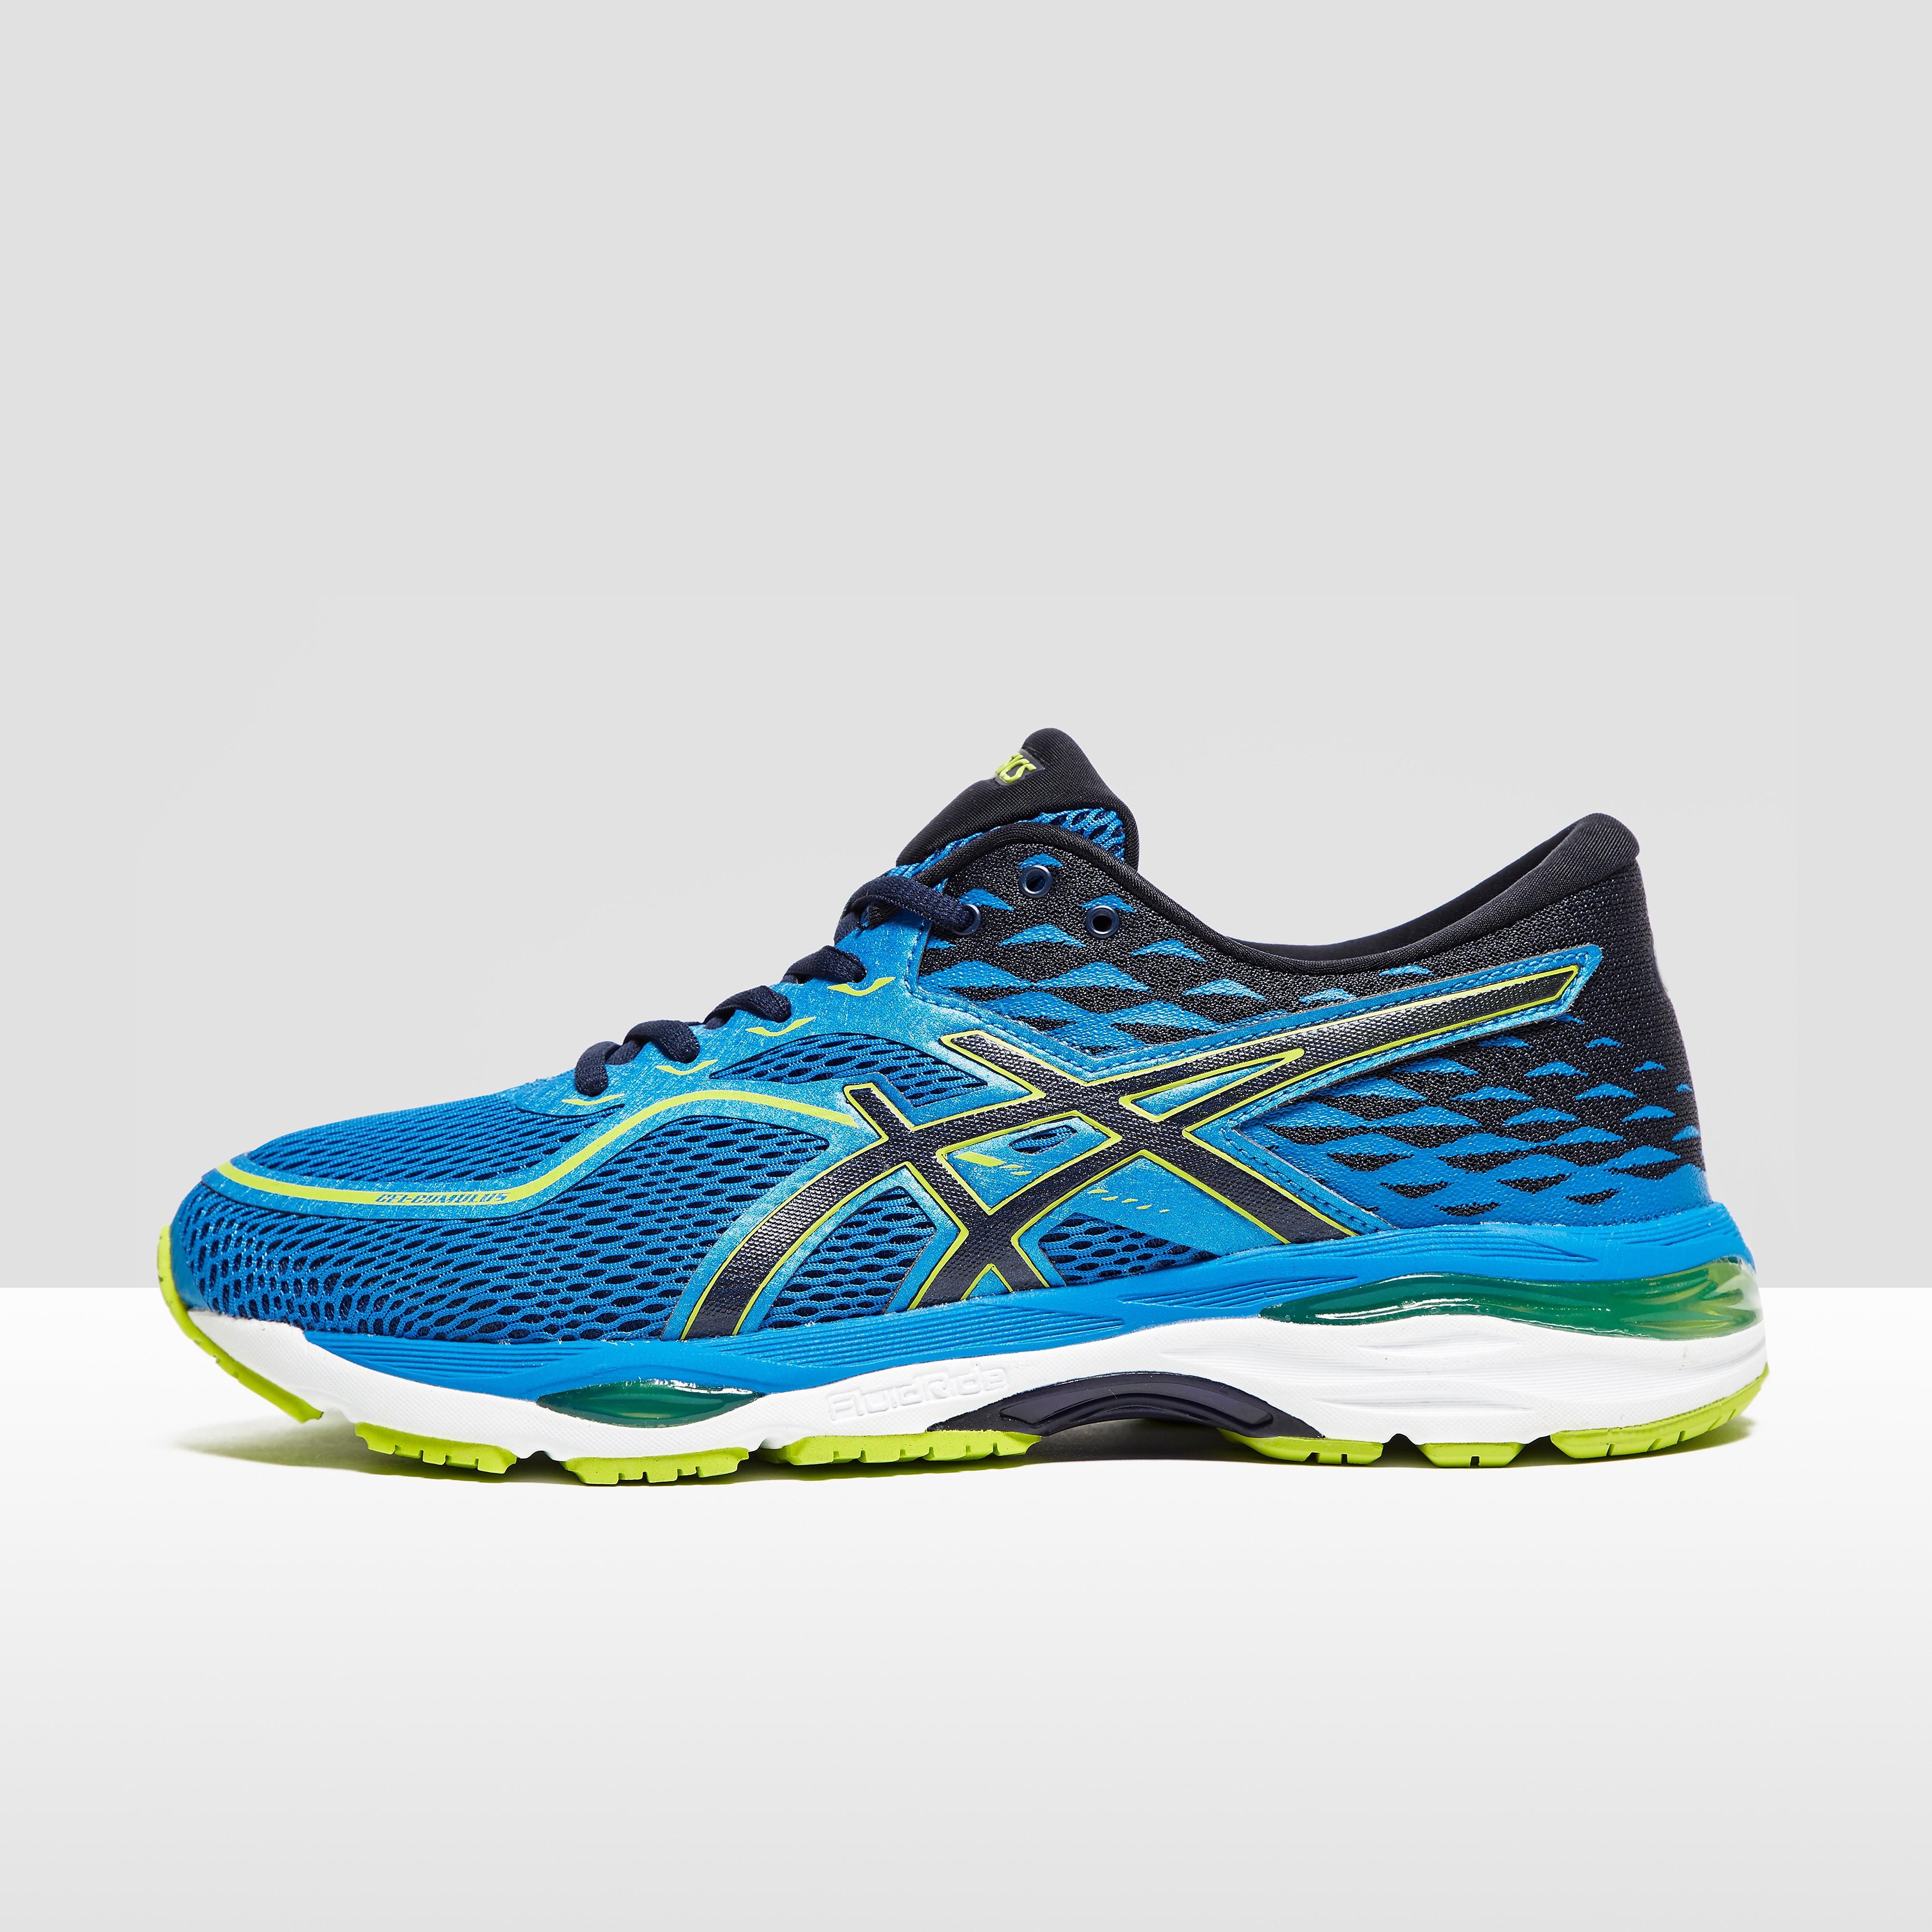 Asics GEL-Cumulus 19 Men's Running Shoes